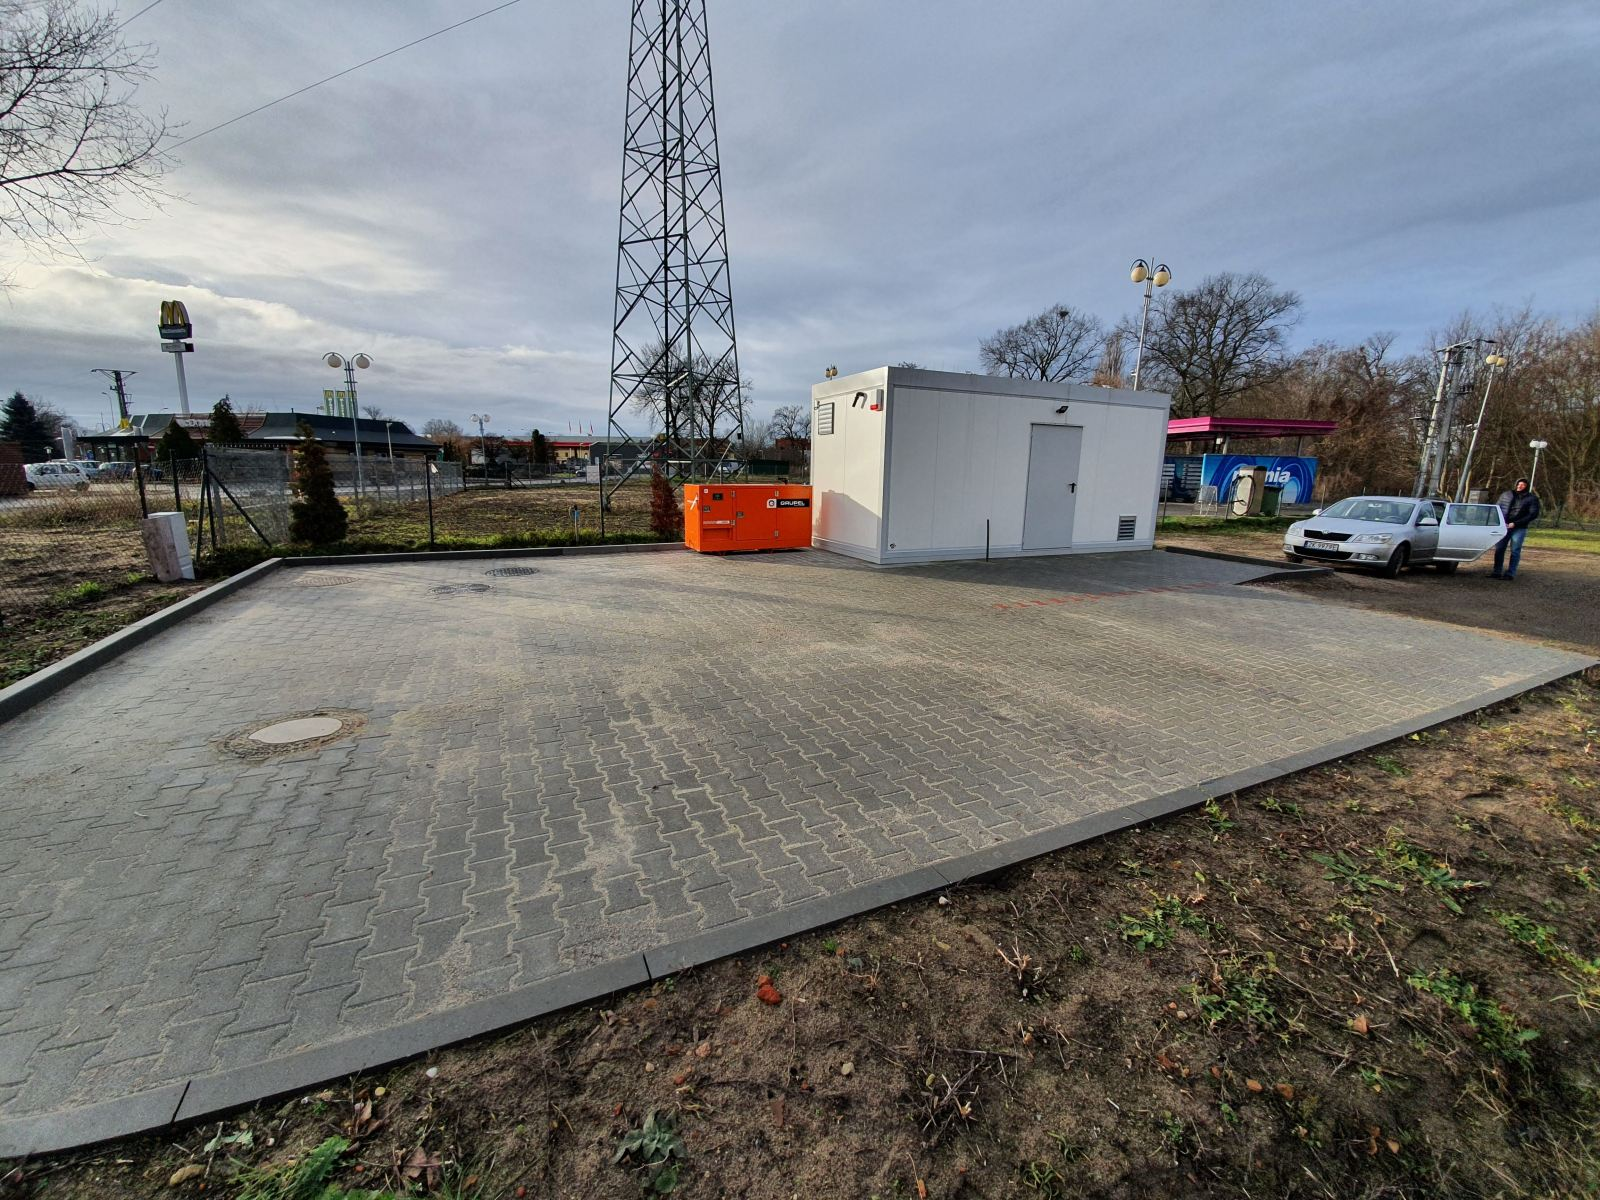 Zastąpienie lokalnej niewydolnej oczyszczalni ścieków rurociągiem tłocznym  ze Starego Kostrzyna do ul. Sikorskiego  w Kostrzynie nad Odrą.